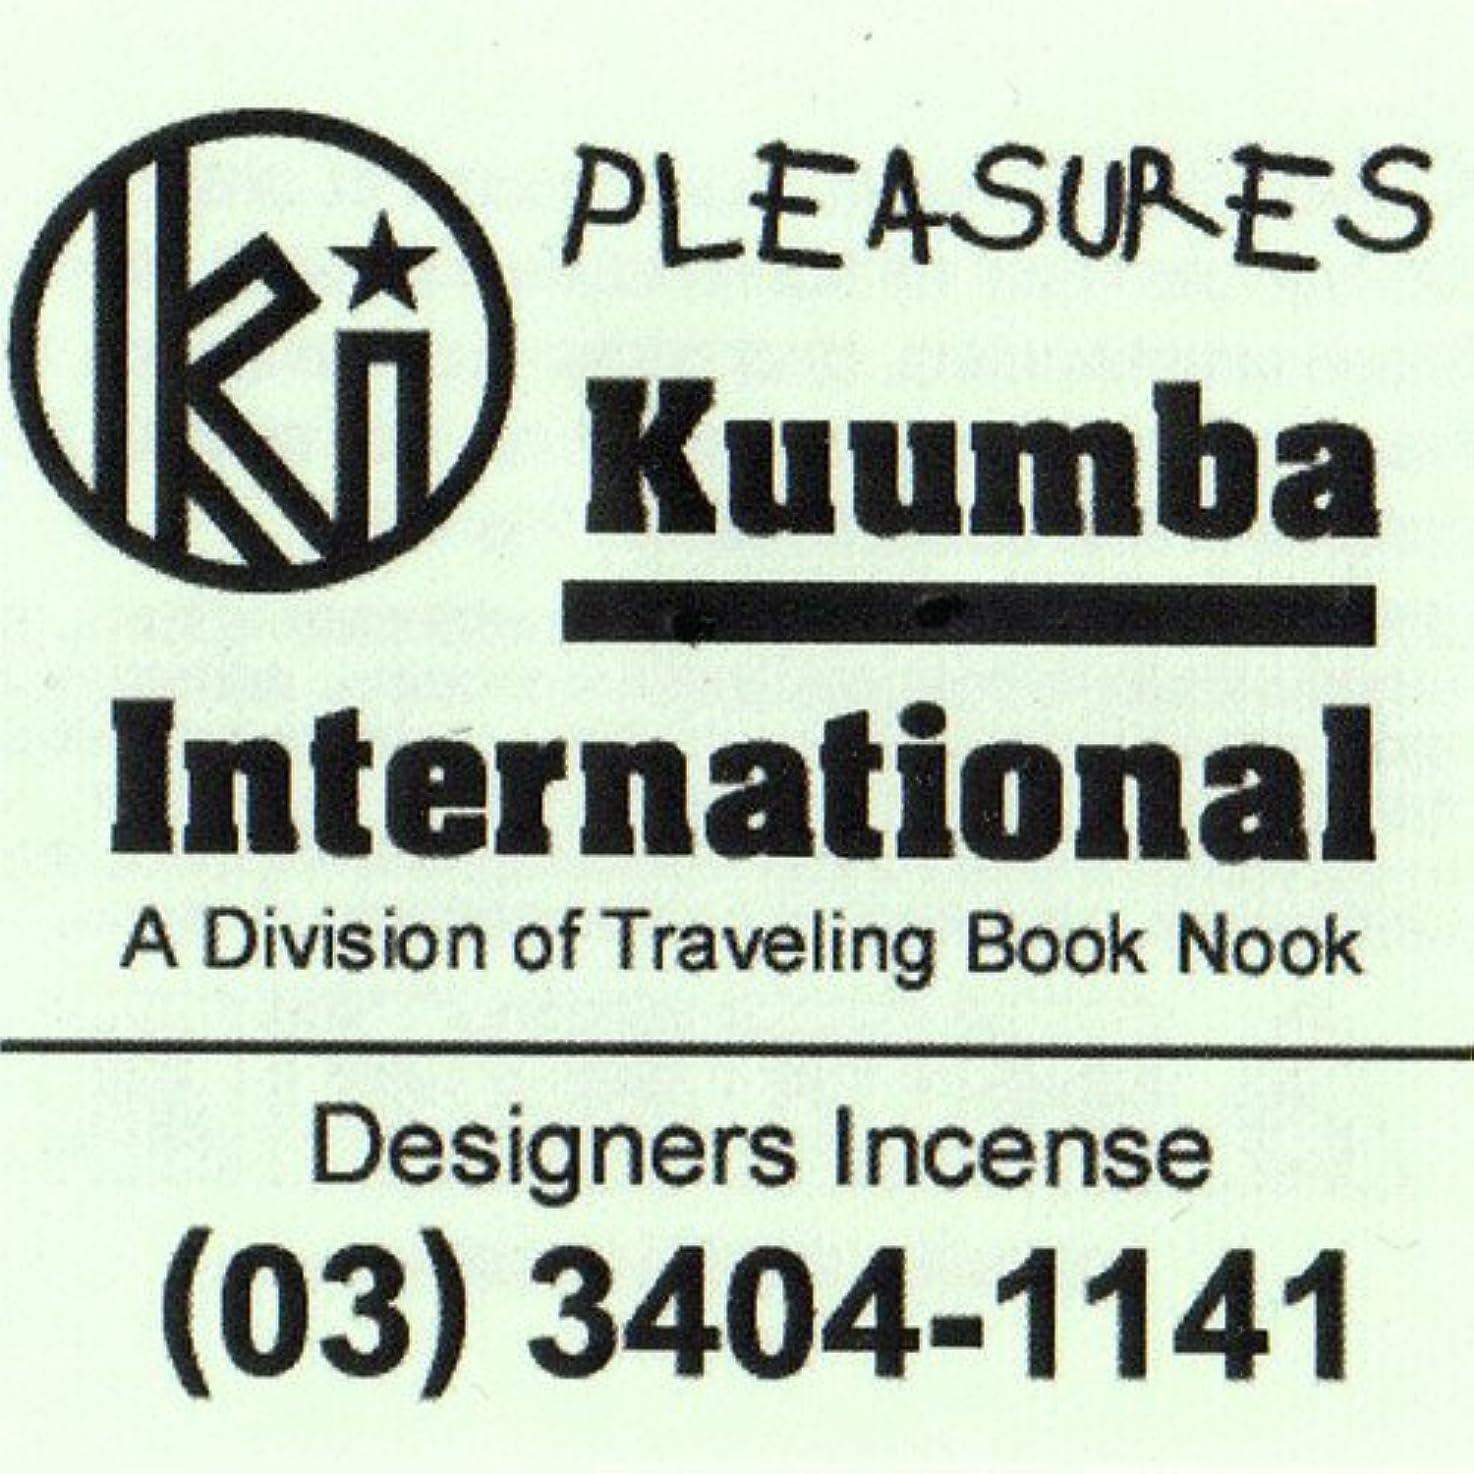 謝罪するキャリア図KUUMBA/クンバ『incense』(PLEASURES) (Regular size)